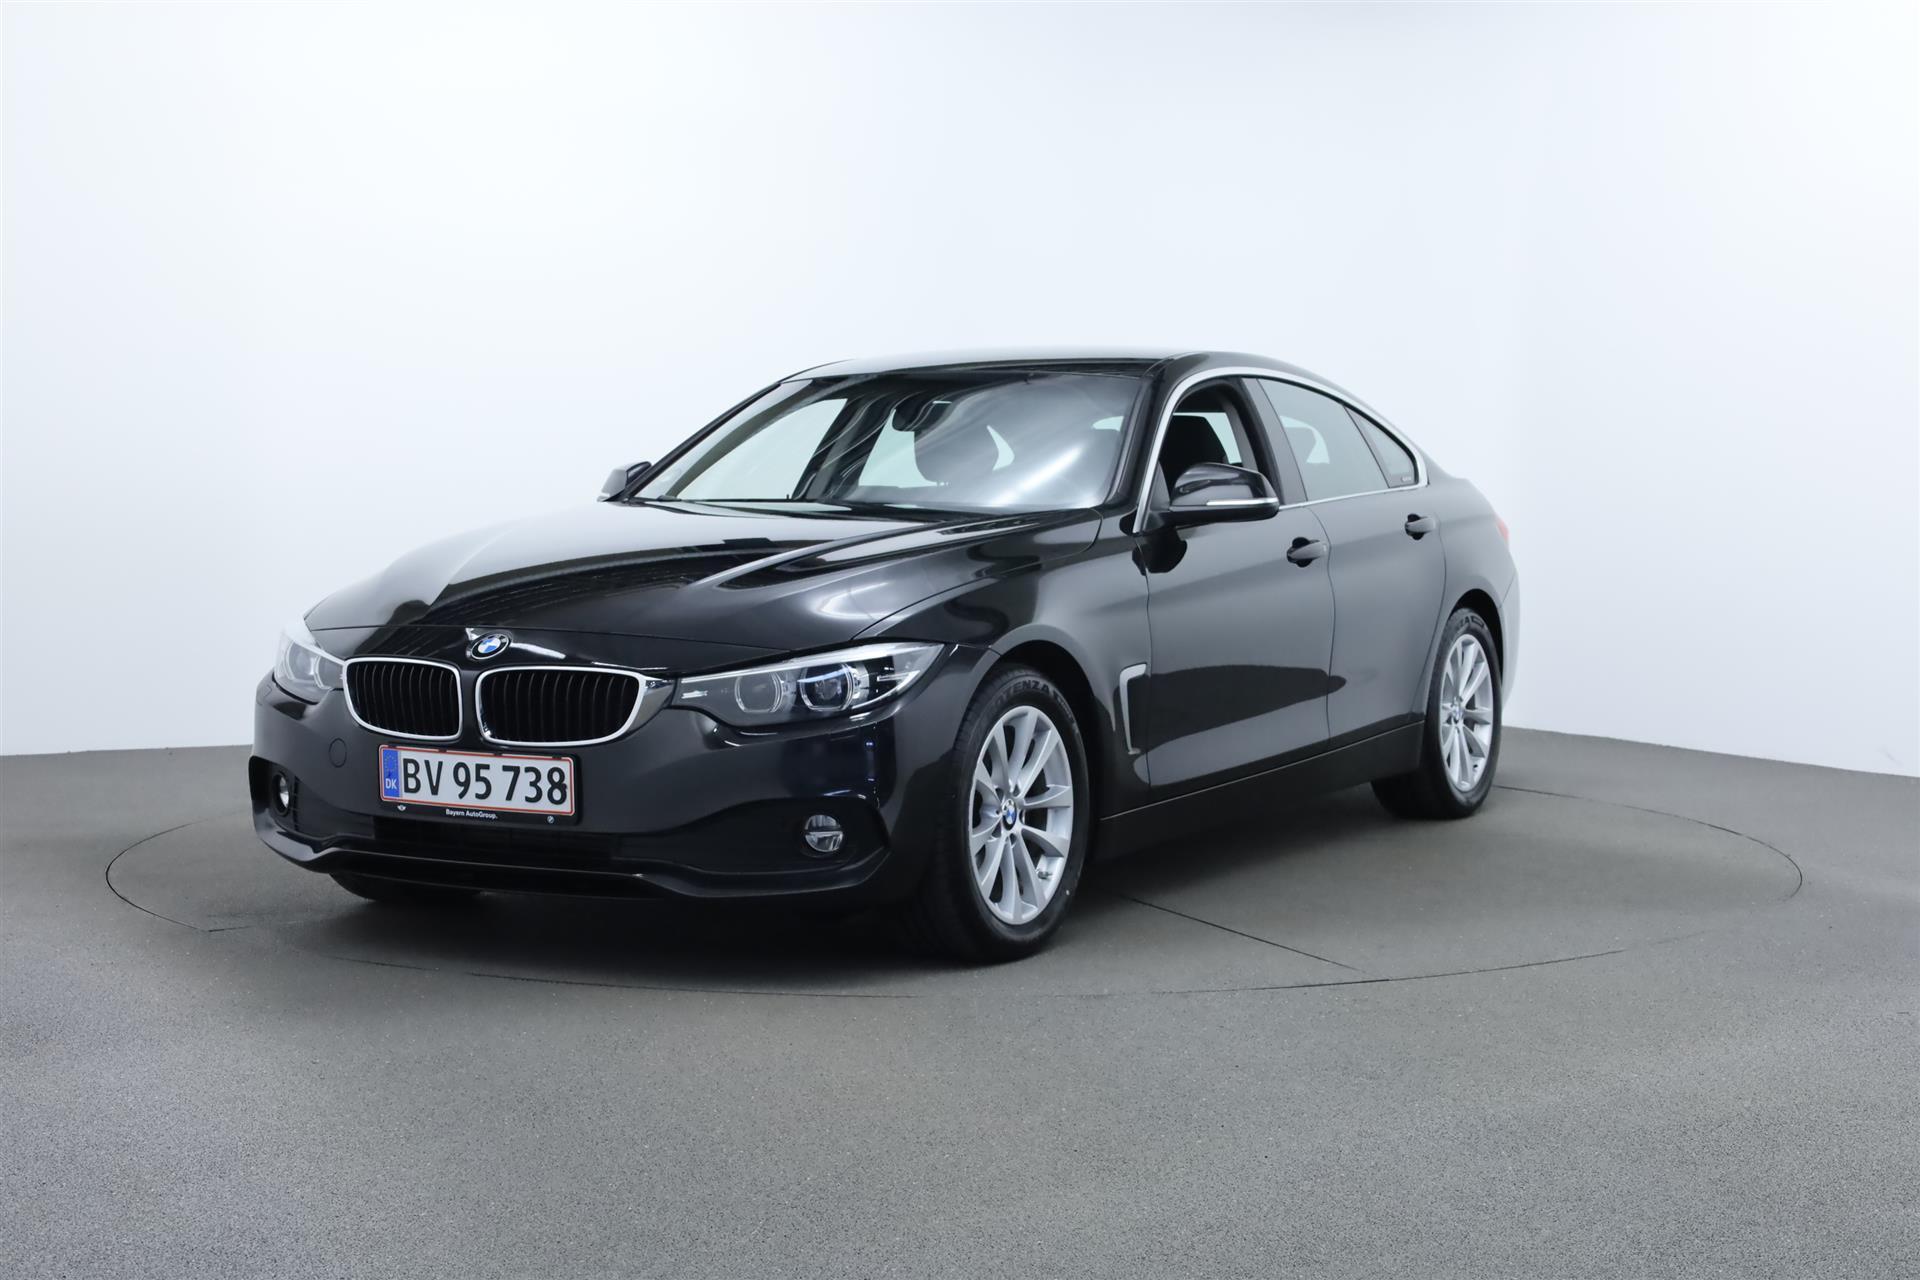 Billede af BMW 420d Gran Coupé 2,0 D Steptronic 190HK 5d 8g Aut.